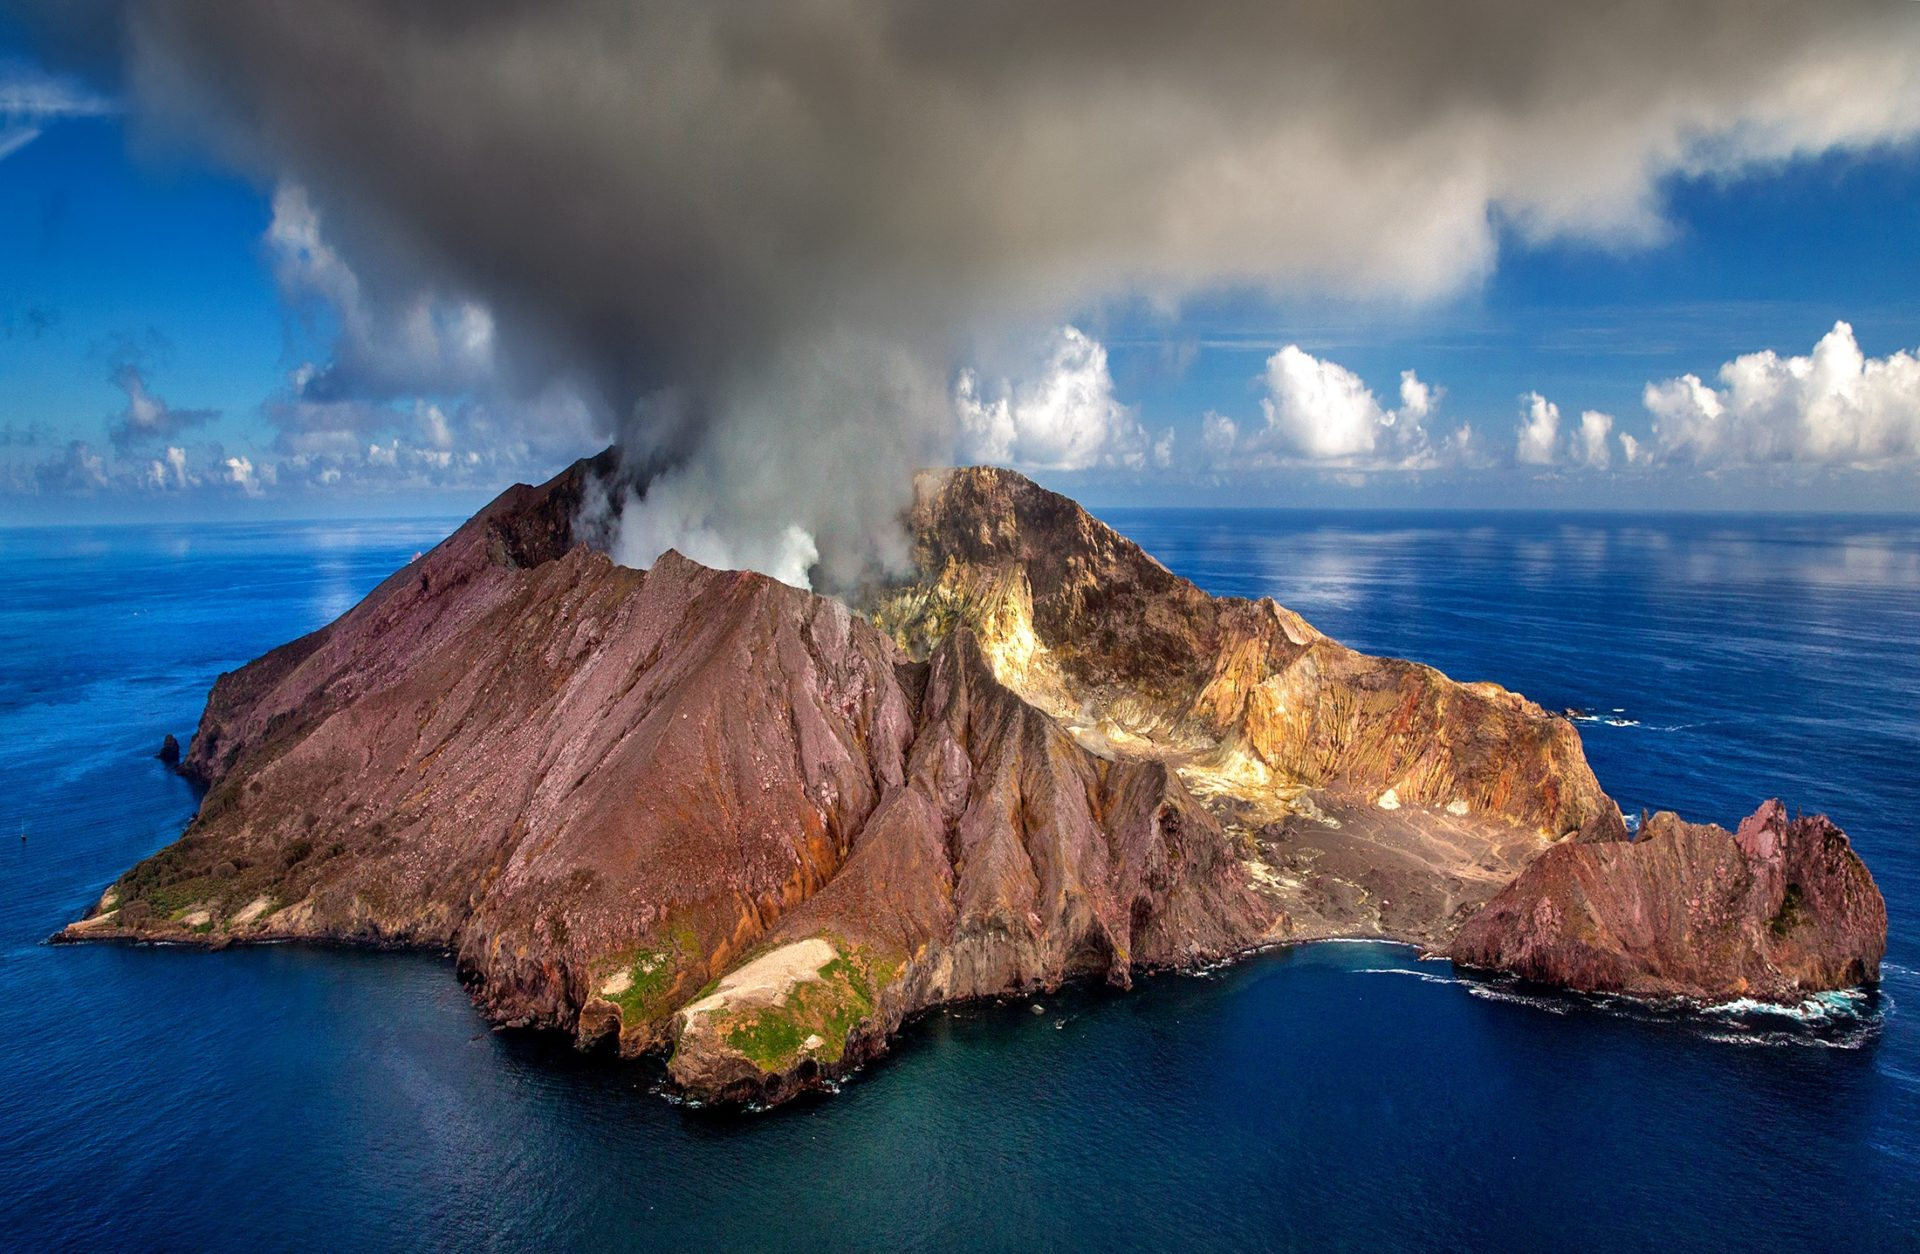 Wassertemperatur Neuseeland: Aktive Vulkaninsel White Island (Whakaari) aus der Luft